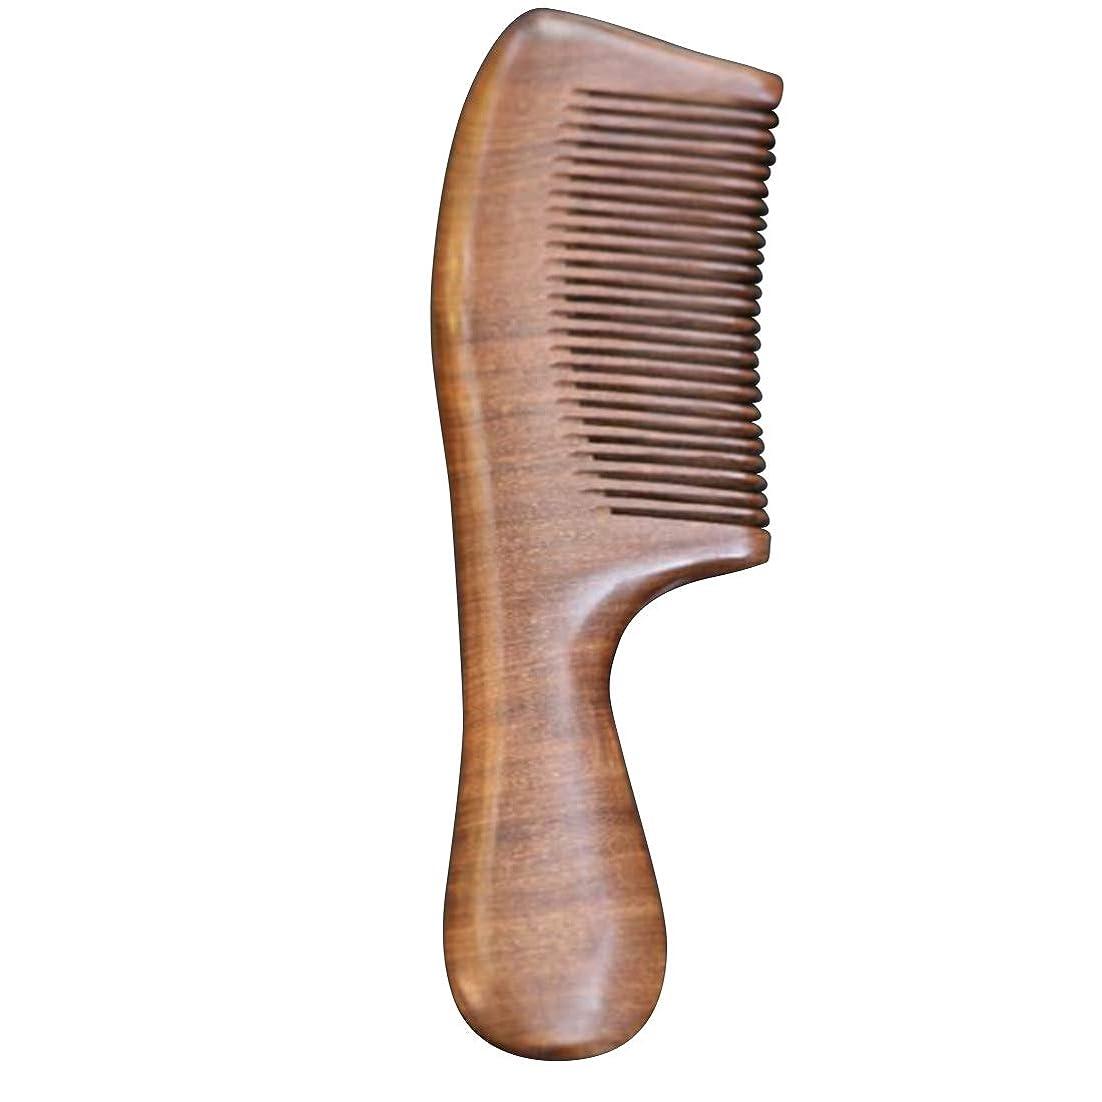 保証船形ご予約ヘアブラミの家族 - ギフトボックス20センチメートルの頭の髪のためのアンチスタティック&ノンスハブ手作りブラシとウッド (Color : 金色)